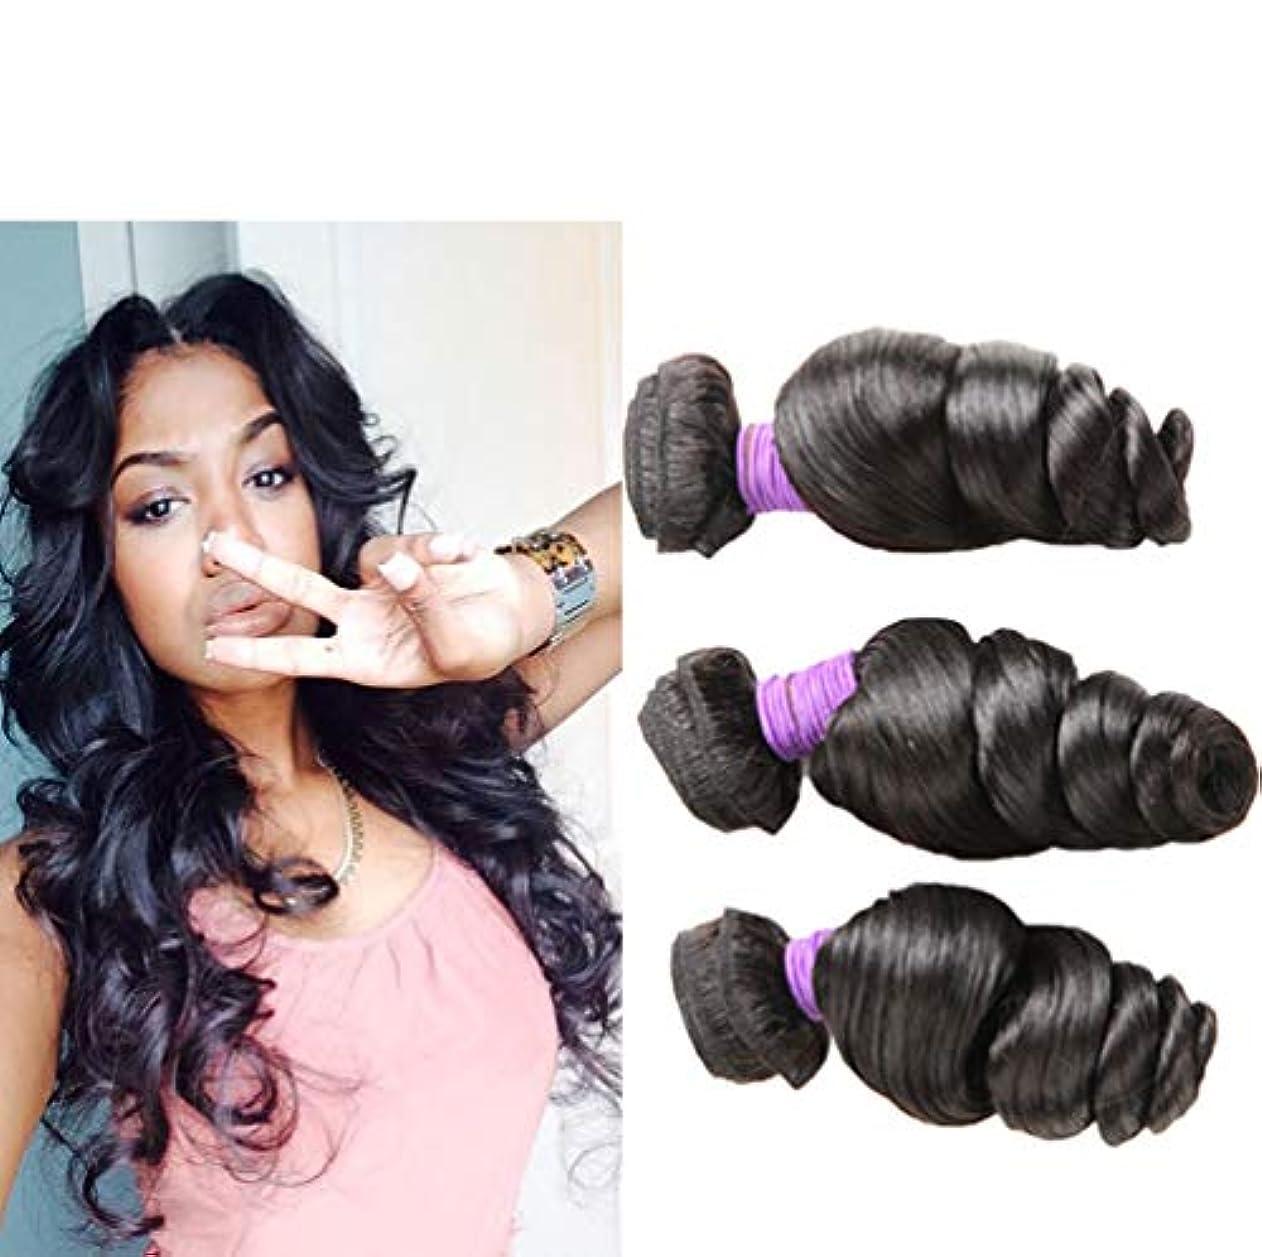 刻む融合本気女性ブラジルのバージンの人間の毛髪の体の波100%の人間の毛髪の織り方の自然な黒い色(3束)